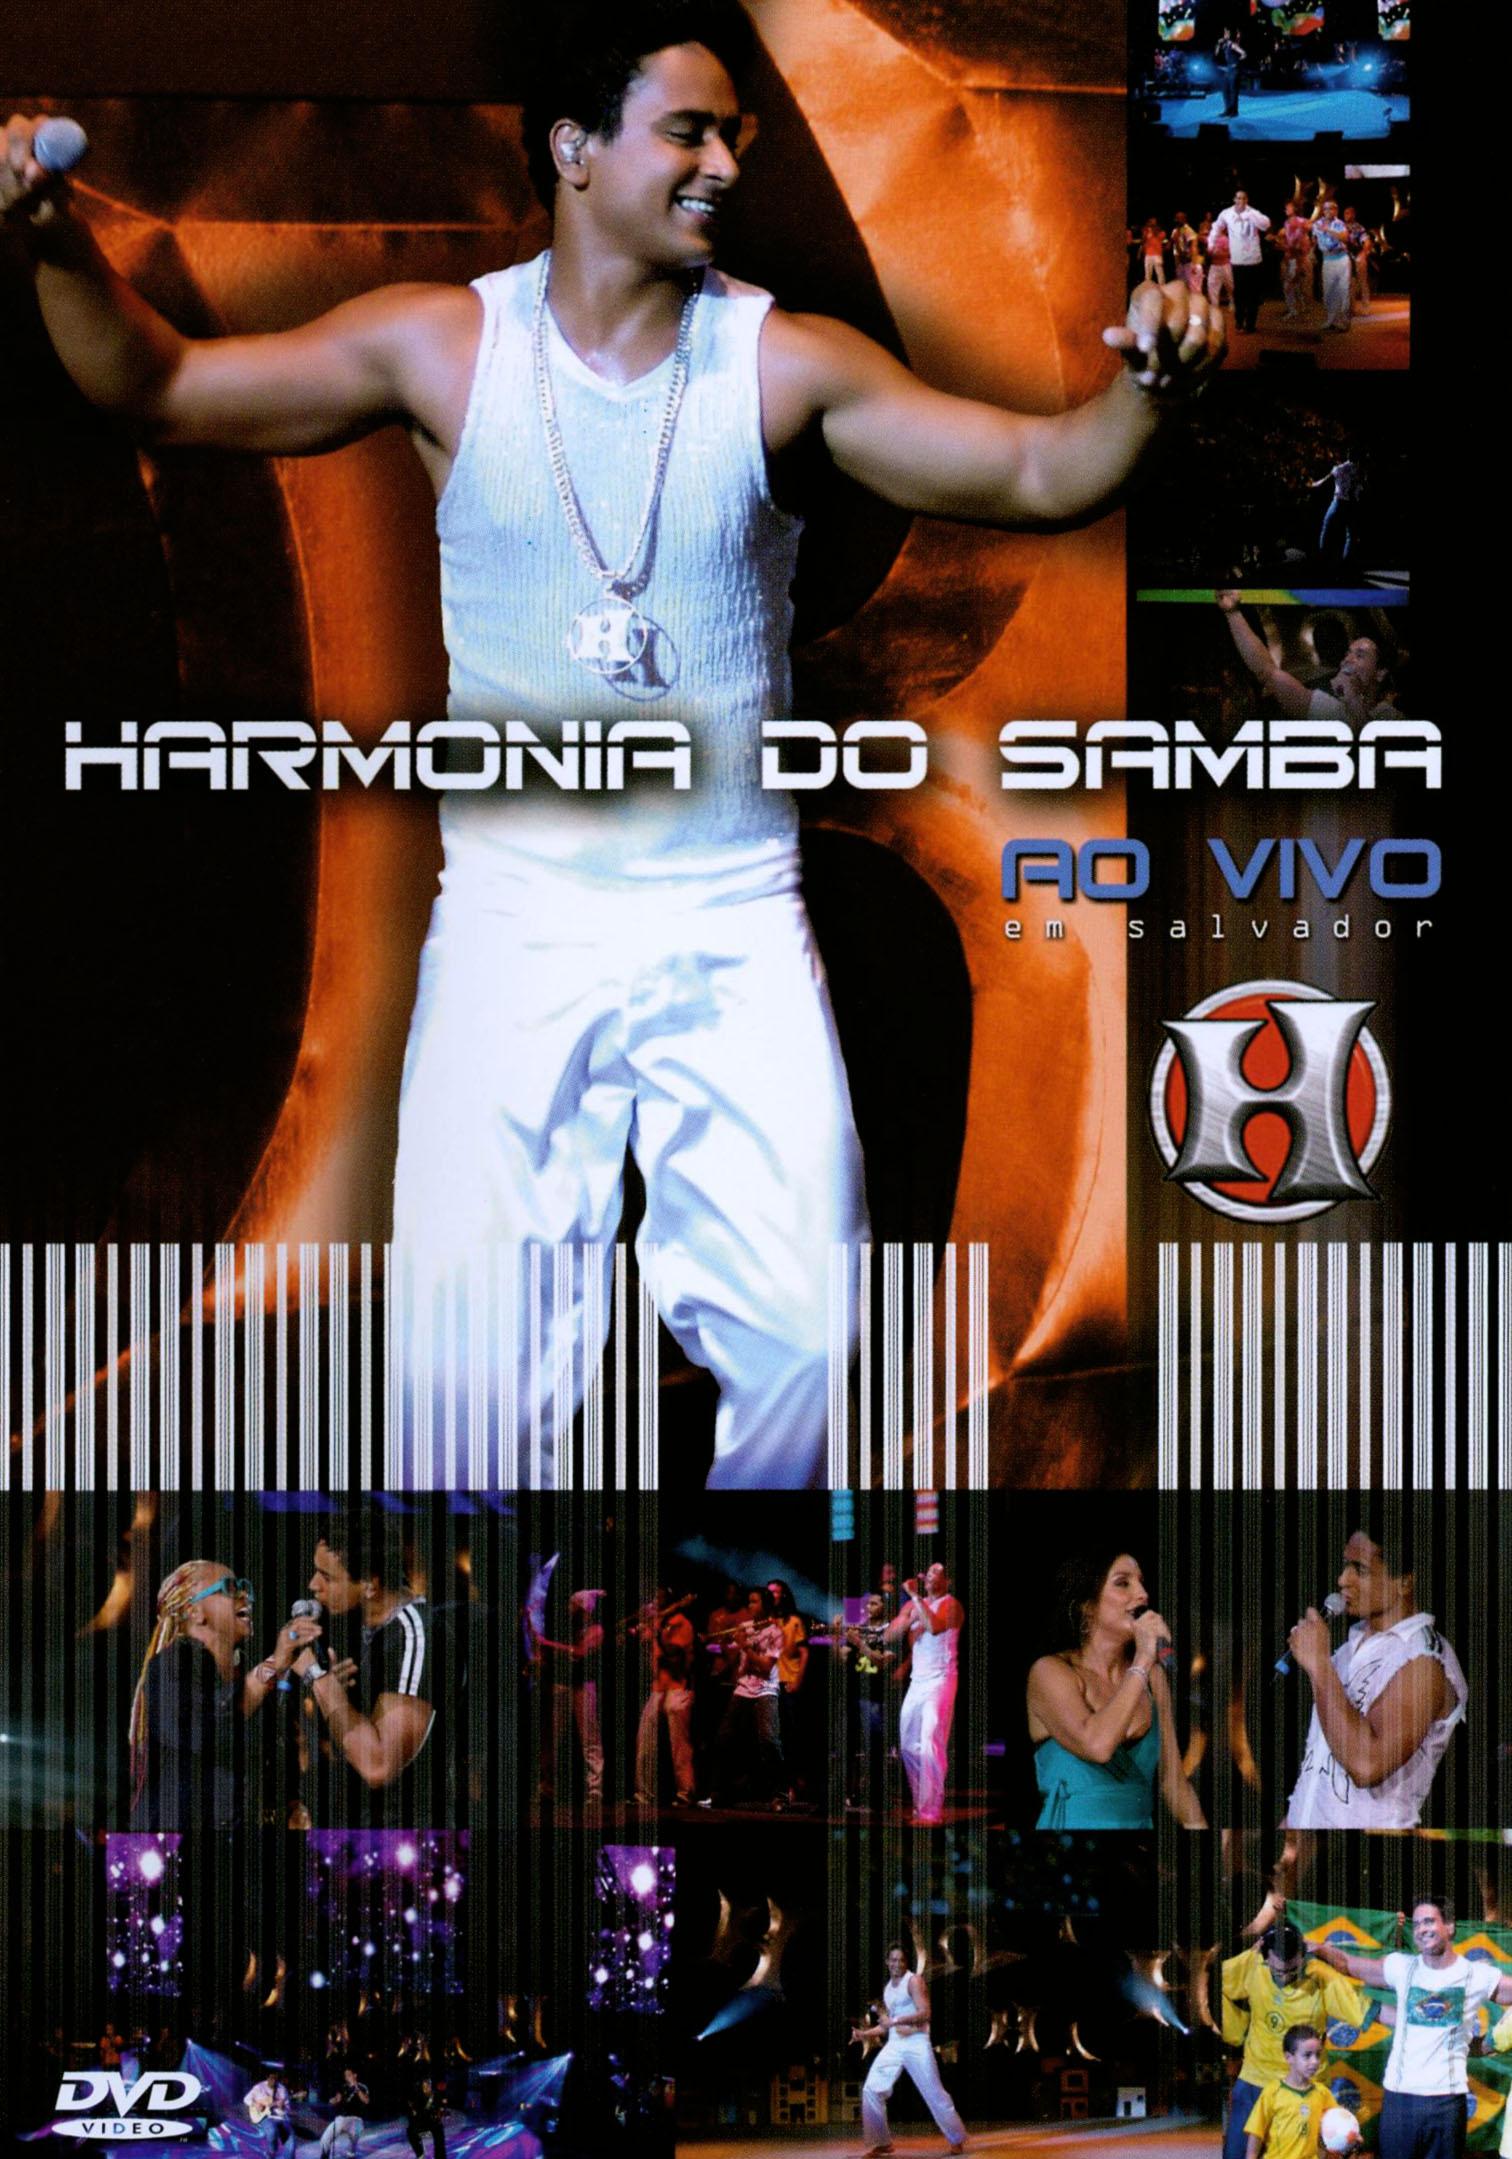 Harmonia do Samba: Ao Vivo em Salvador